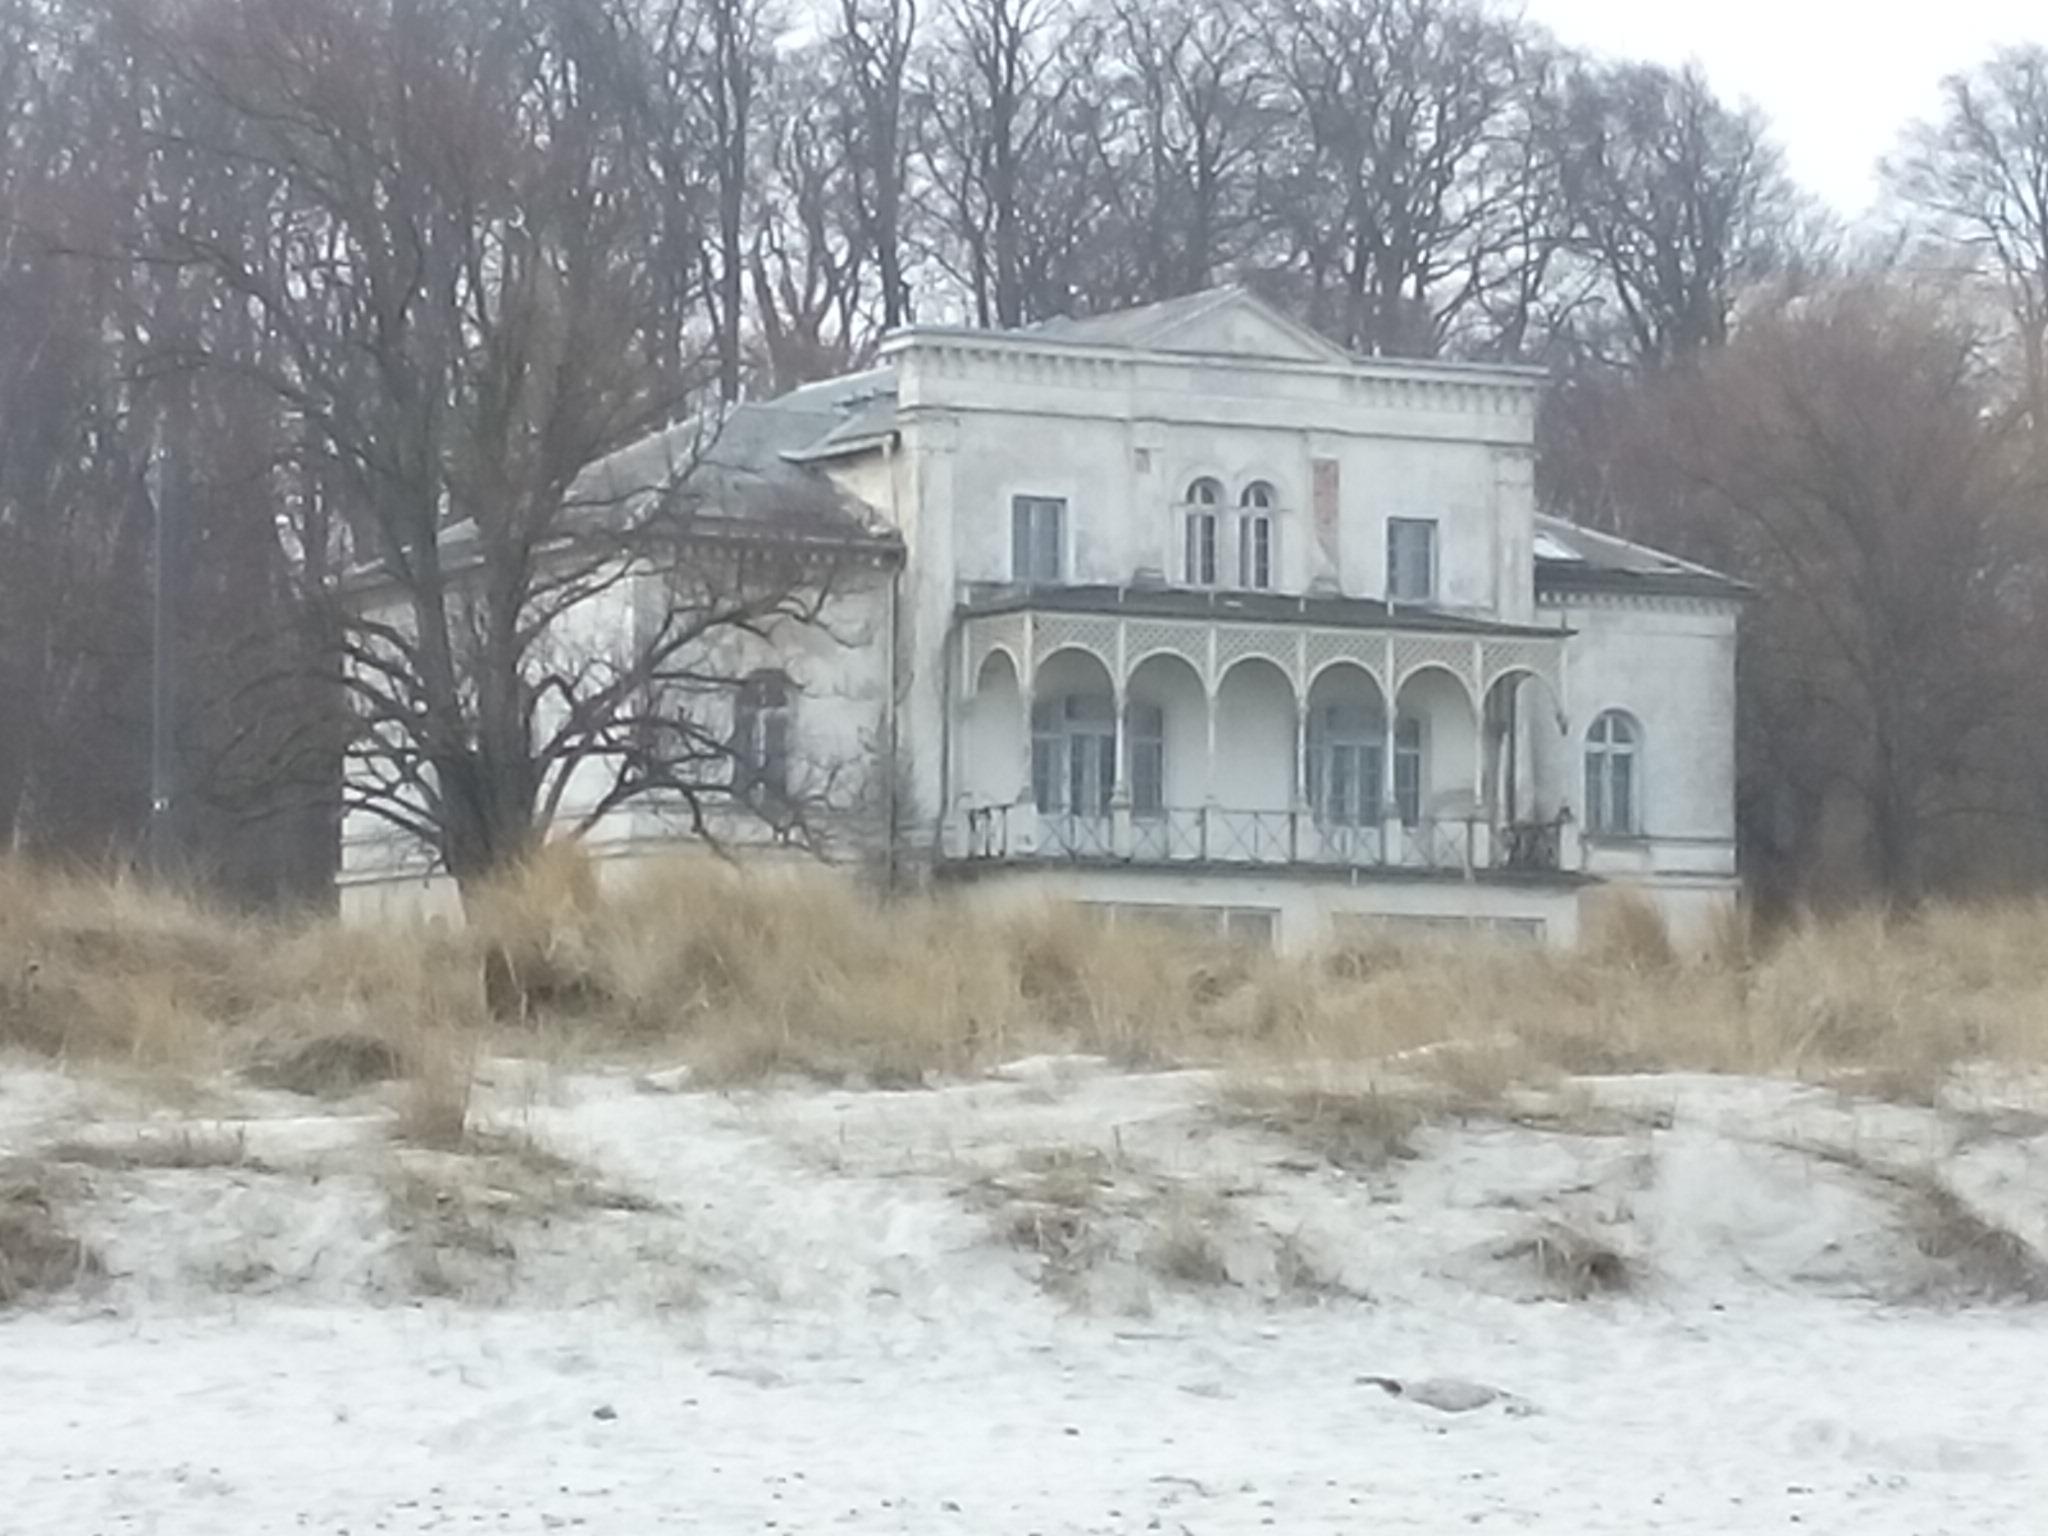 Haus Hirsch